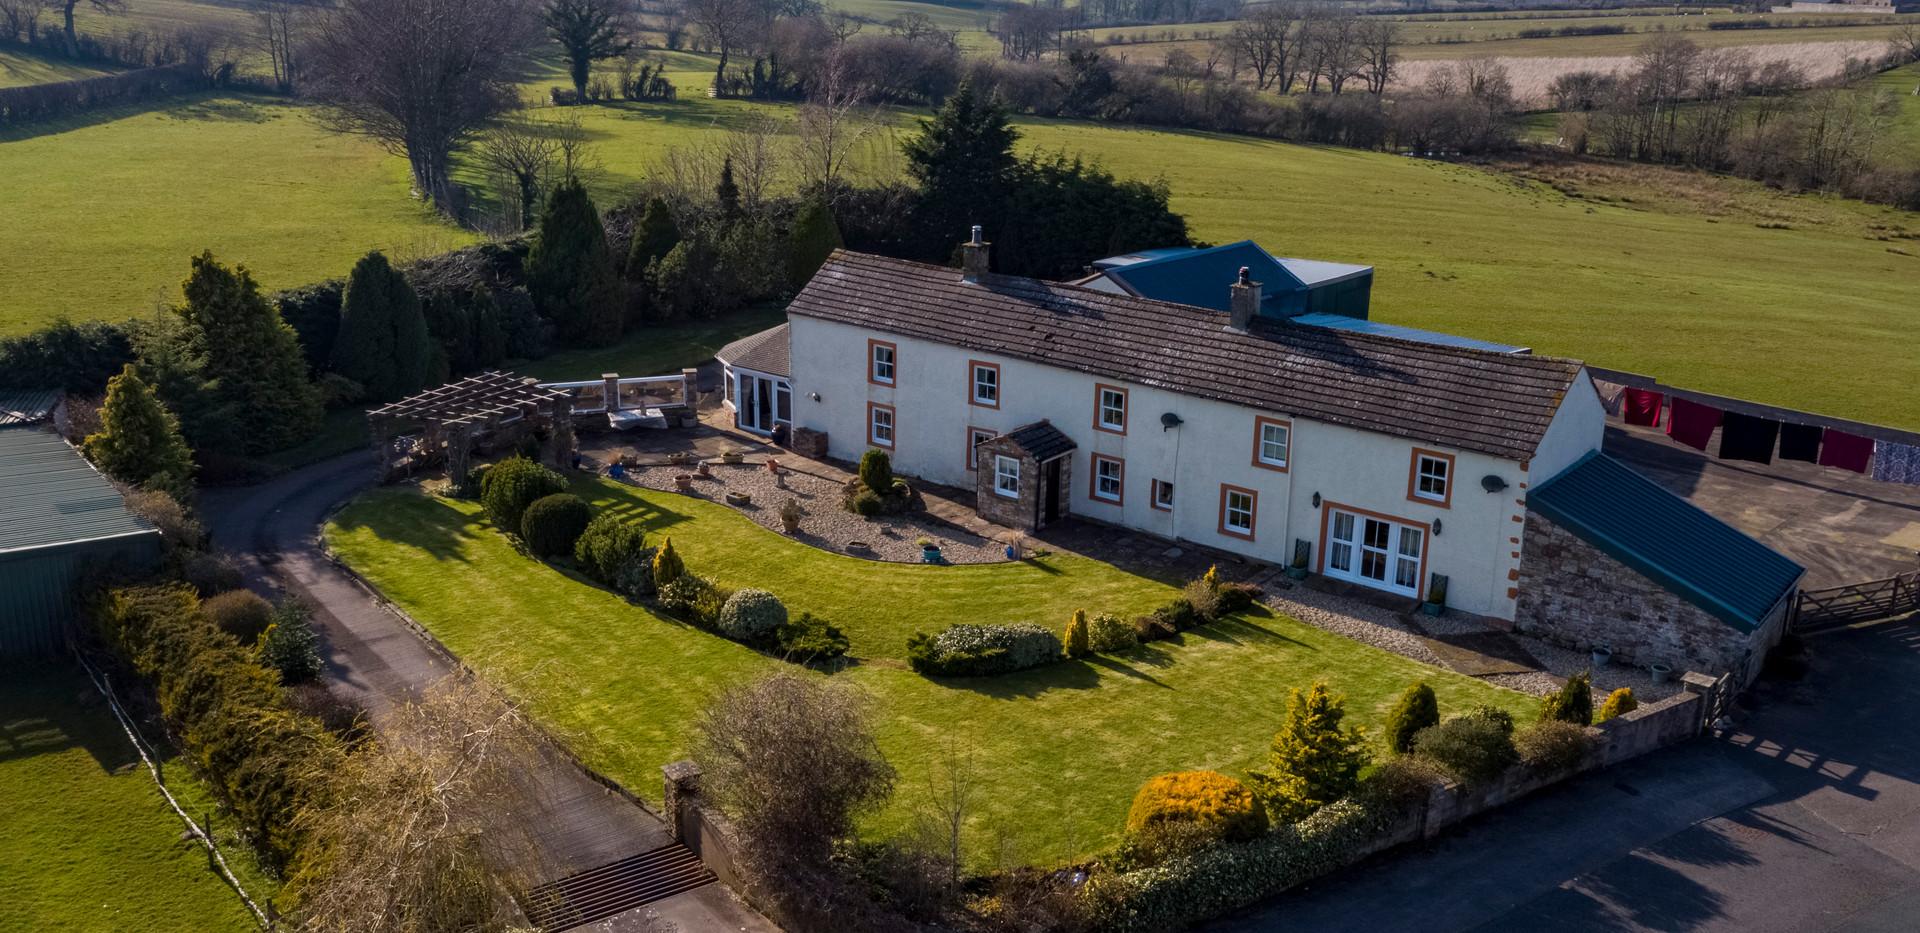 Low House Farm8.jpg